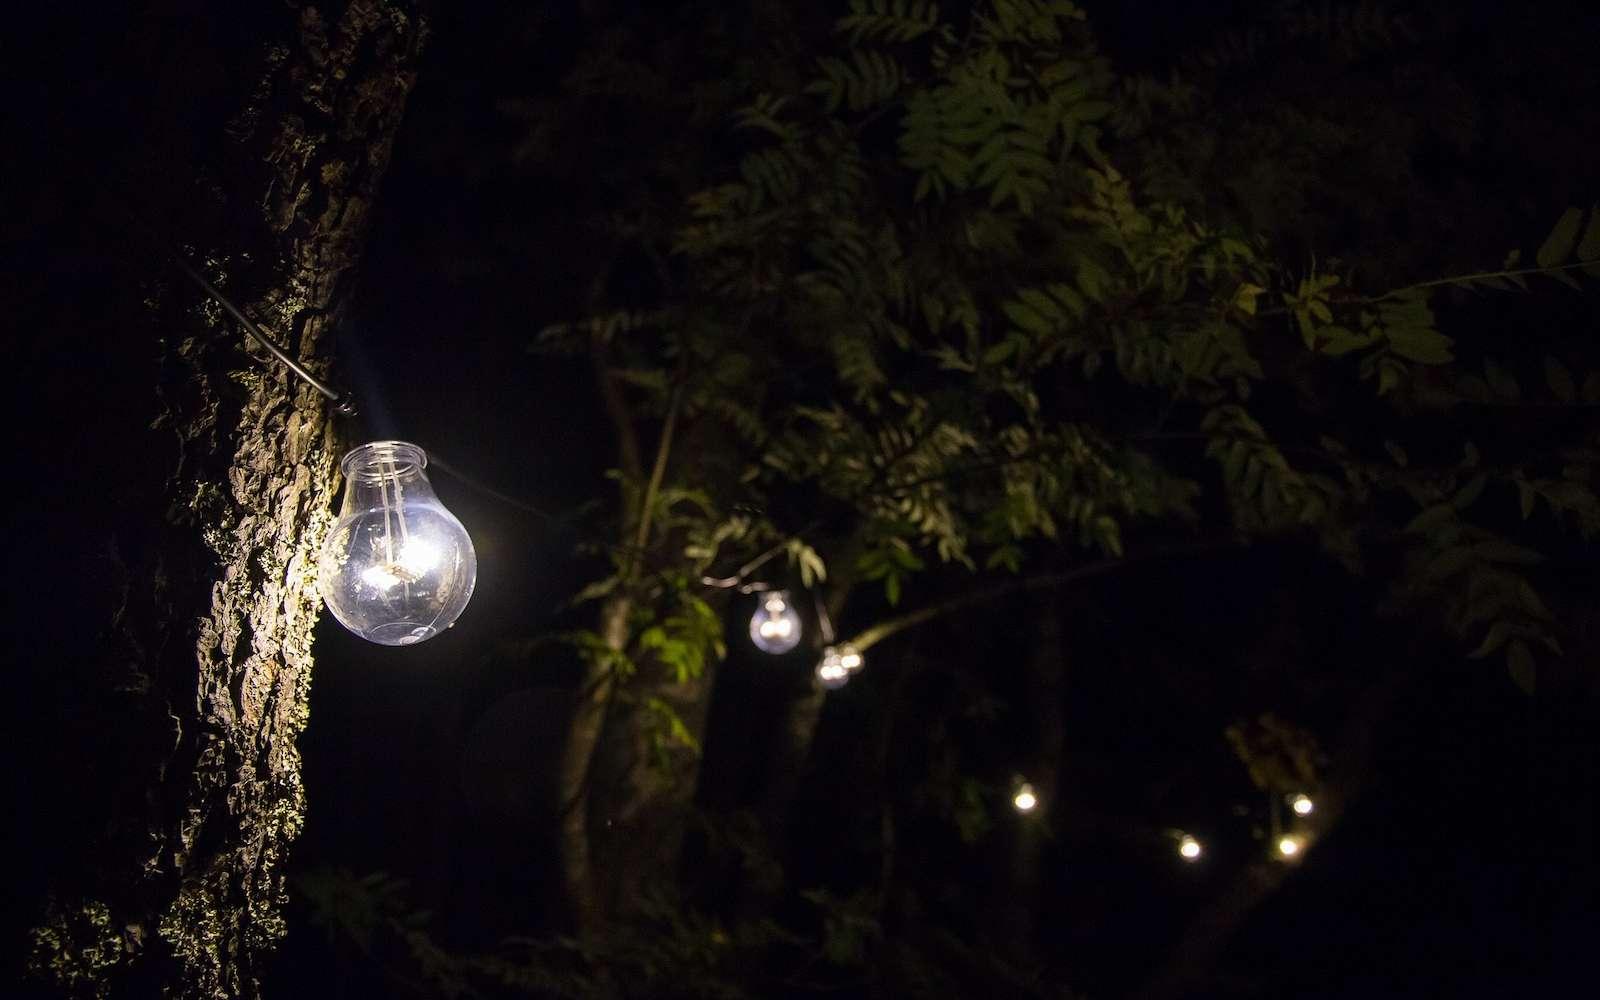 Les ampoules classiques, avec un filament, disparaissent peu à peu des maisons et des jardins. © Kostiolavi, Pixabay